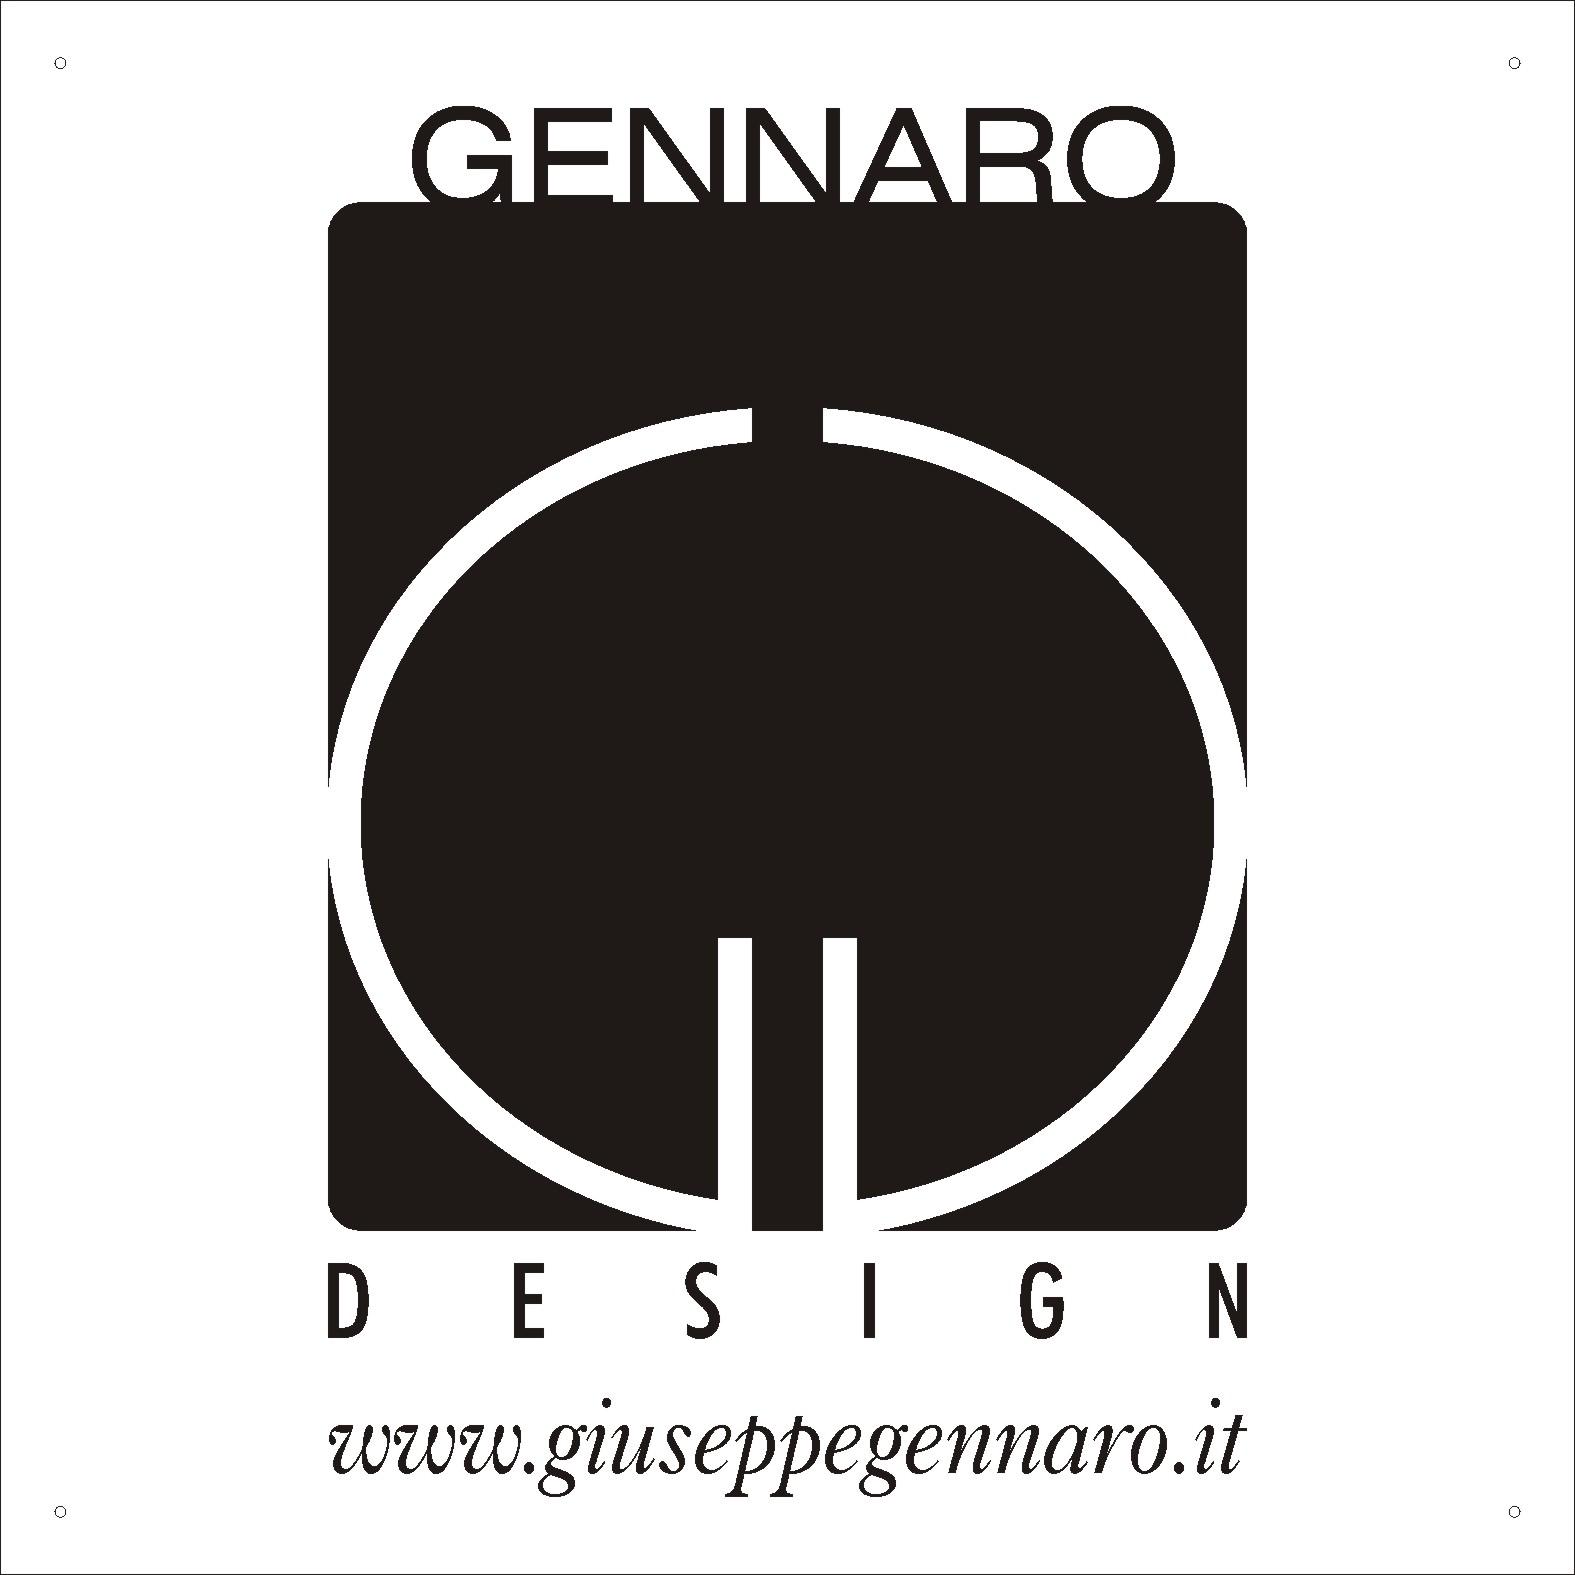 Giuseppe Gennaro Design